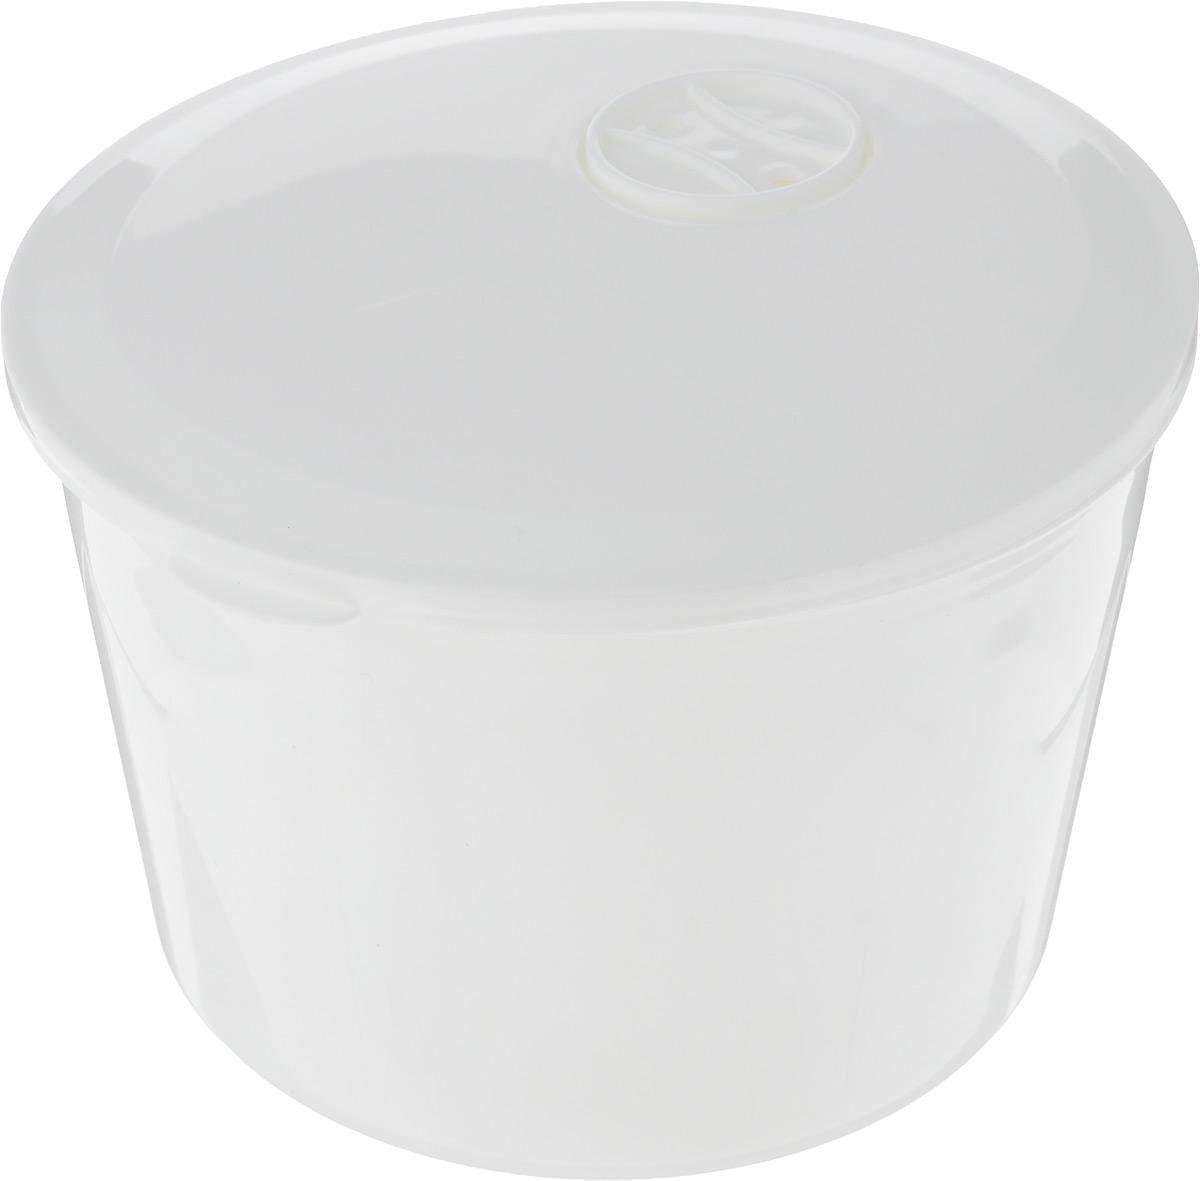 Контейнер для обеда HITT, со съемной чашей, 16 х 16 х 11 смVT-1520(SR)Контейнер для обеда HITT выполнен из качественного пищевого пластика. Контейнер очень вместительный и вмещает в себя полноценный обед. Кроме того, он снабжен съемной чашей с двумя секциями, куда можно положить салат или хлеб. Контейнер плотно закрывается крышкой, поэтому содержимое останется в сохранности. Можно использовать в микроволновой печи при температуре до +100°С, ставить в морозильную камеры при температуре до -20°С. Можно мыть в посудомоечной машине. Диаметр контейнера: 16 см. Высота контейнера: 11 см. Размер секции: 14 х 7 см.